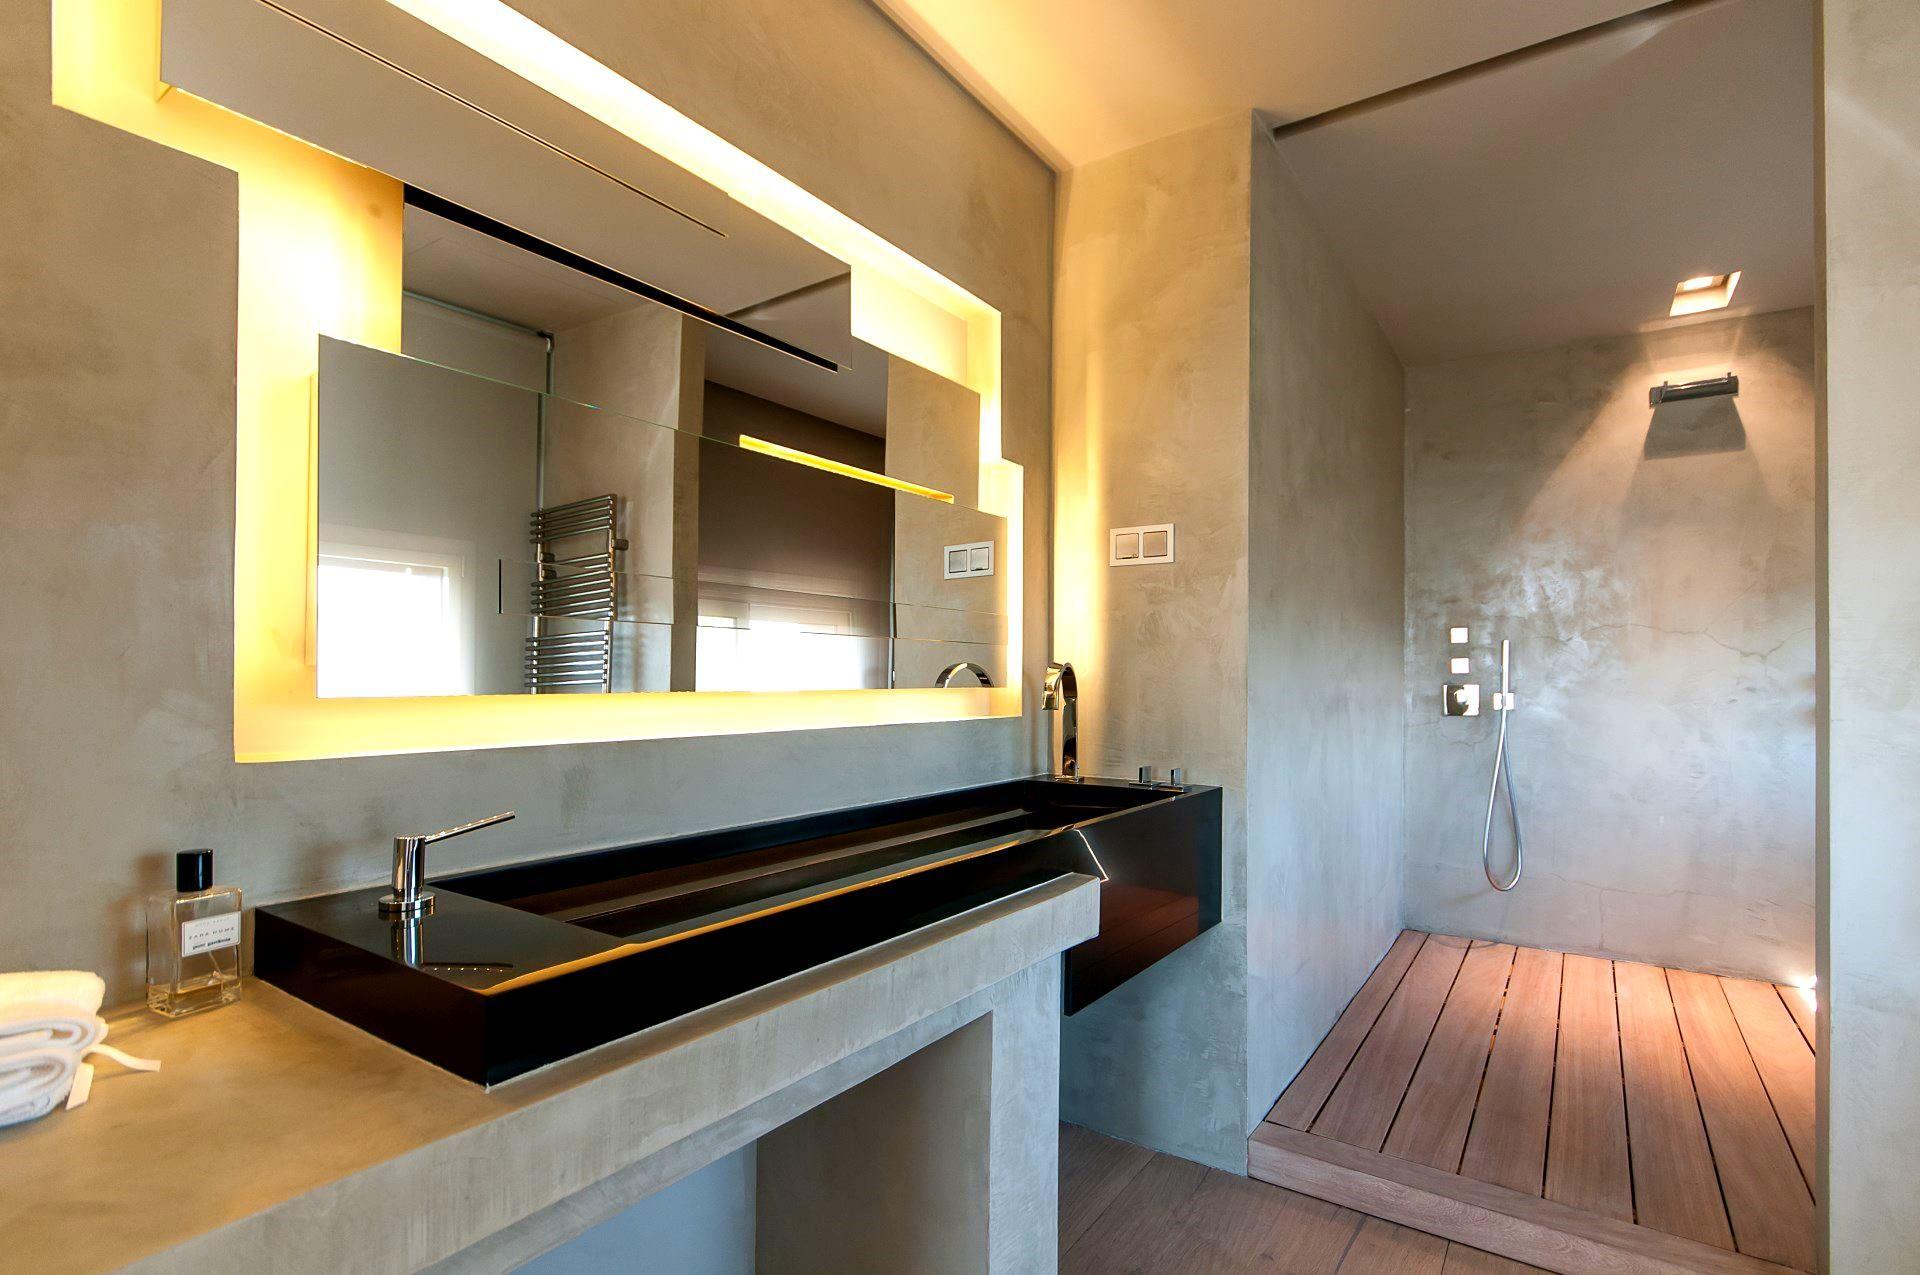 Moderna residència que destaca pel seu disseny i interiorisme obra del equipo de F. Oliva y Susana G. Hoffmann situada en zona residencial premium a 10 minuts de Barcelona. Els seus 724m² s'articulen entorn a una moderna piscina que parcialment s'endinsa a amplis espais diàfans que acullen el saló-menjador i la cuina. Aquest singular atractiu es gaudeix des pràcticament tots els espais de la casa, així com des de les 3 Plantes de les que consta. La cuina-menjador d'estiu, i una privilegiada…